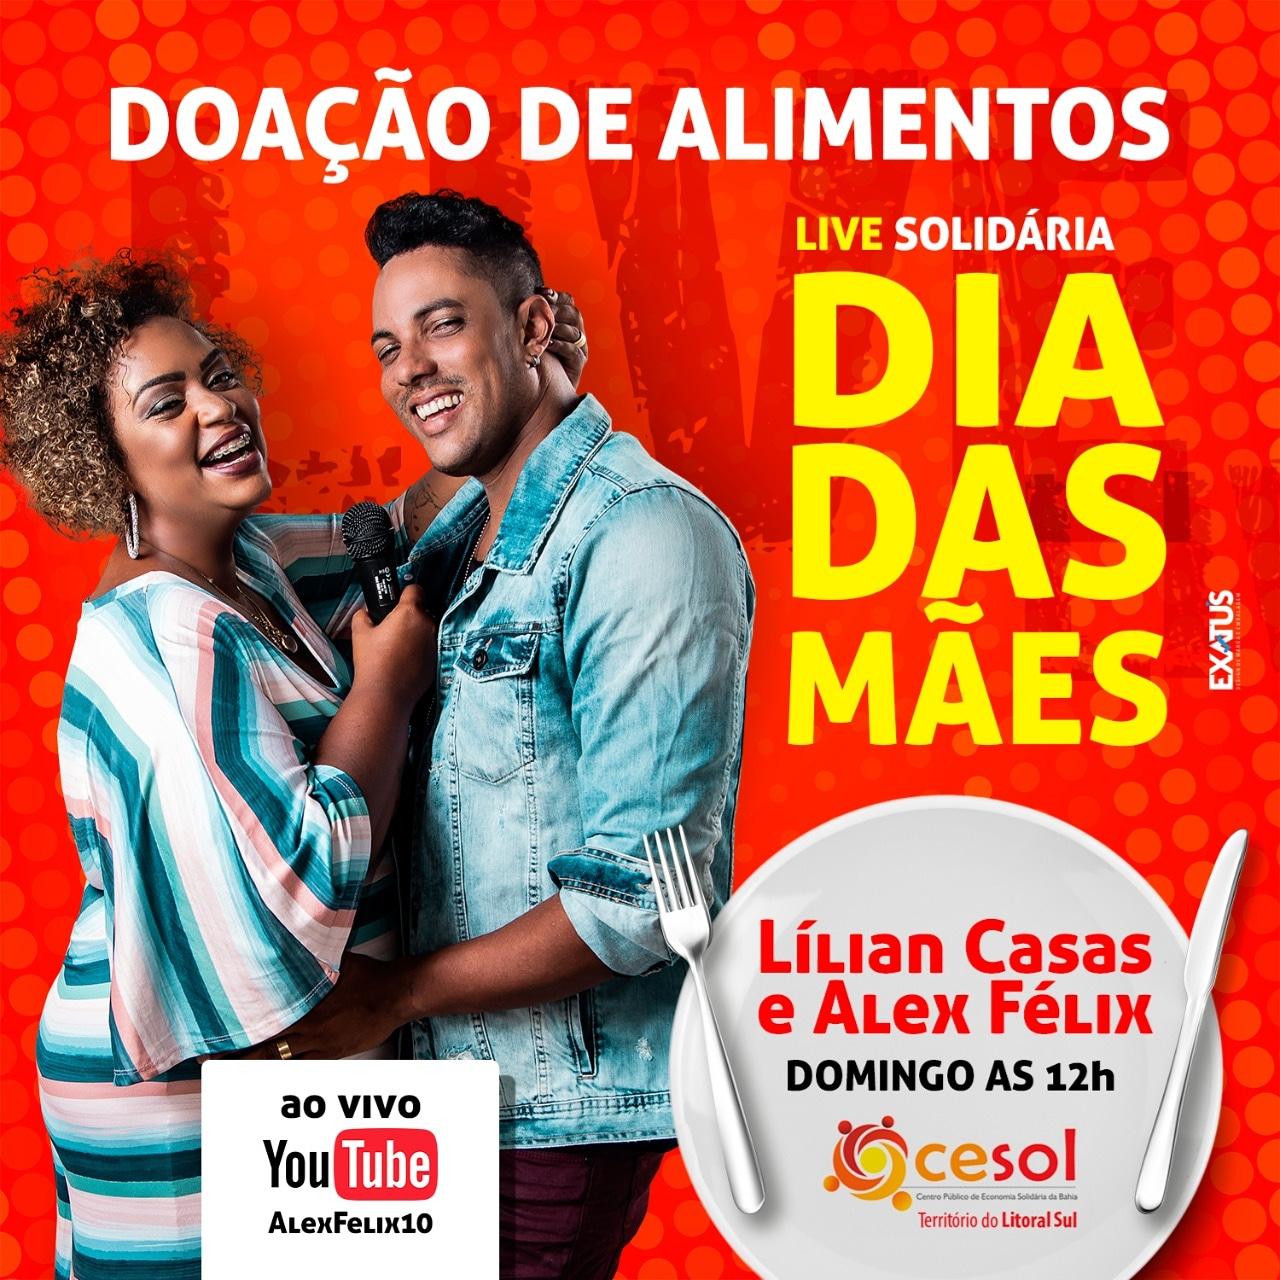 LÍLIAN CASAS E ALEX FÉLIX FAZEM LIVE SOLIDÁRIA NO DIA DAS MÃES